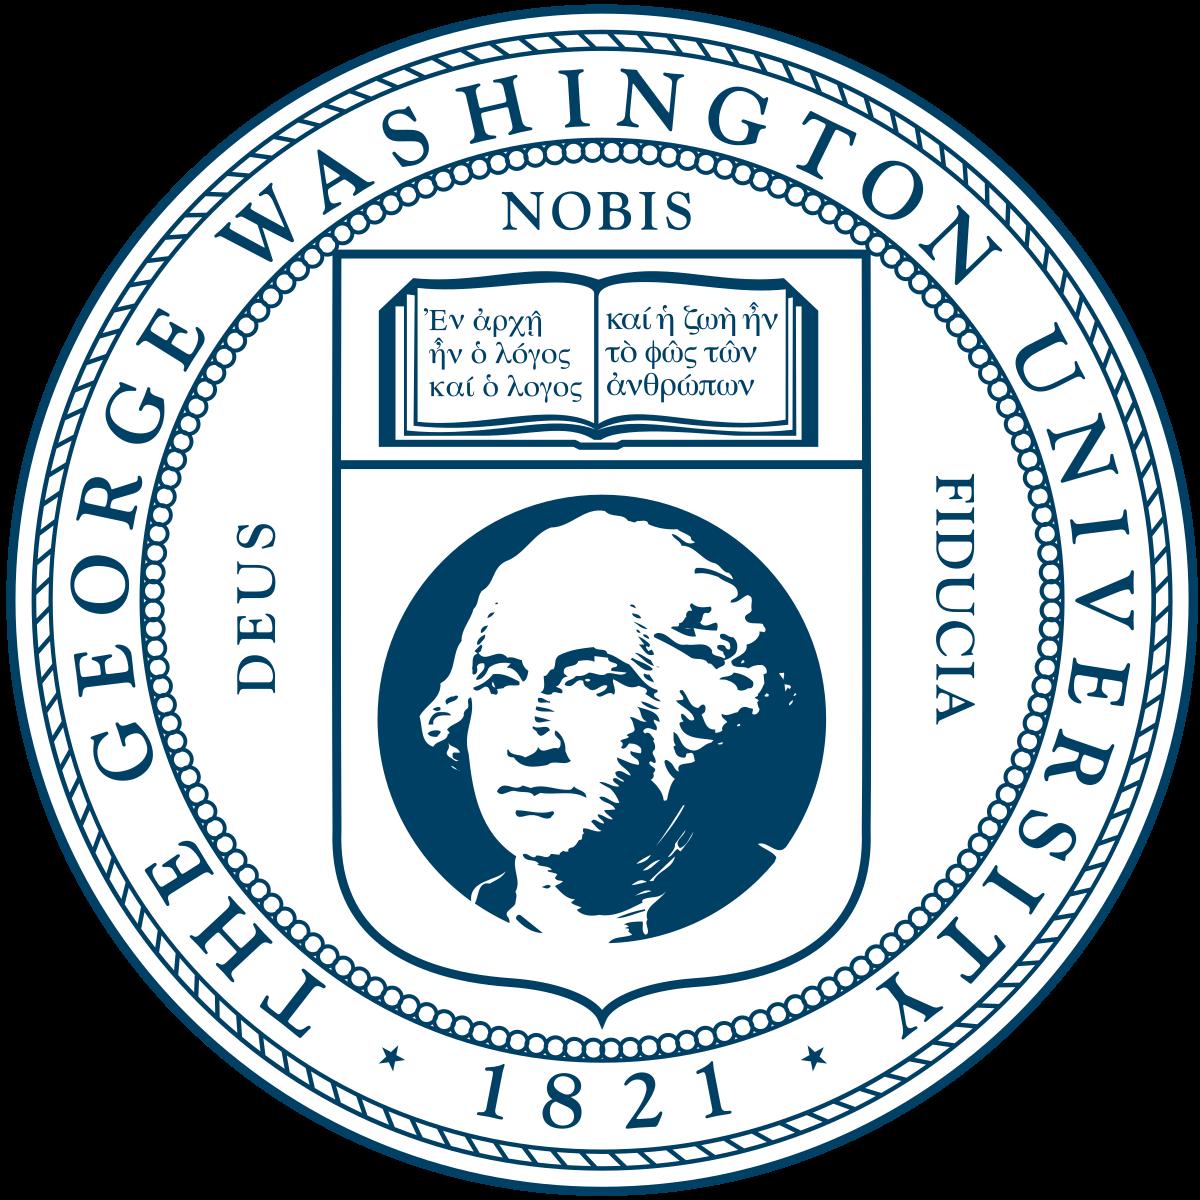 George Washington University: Your GW